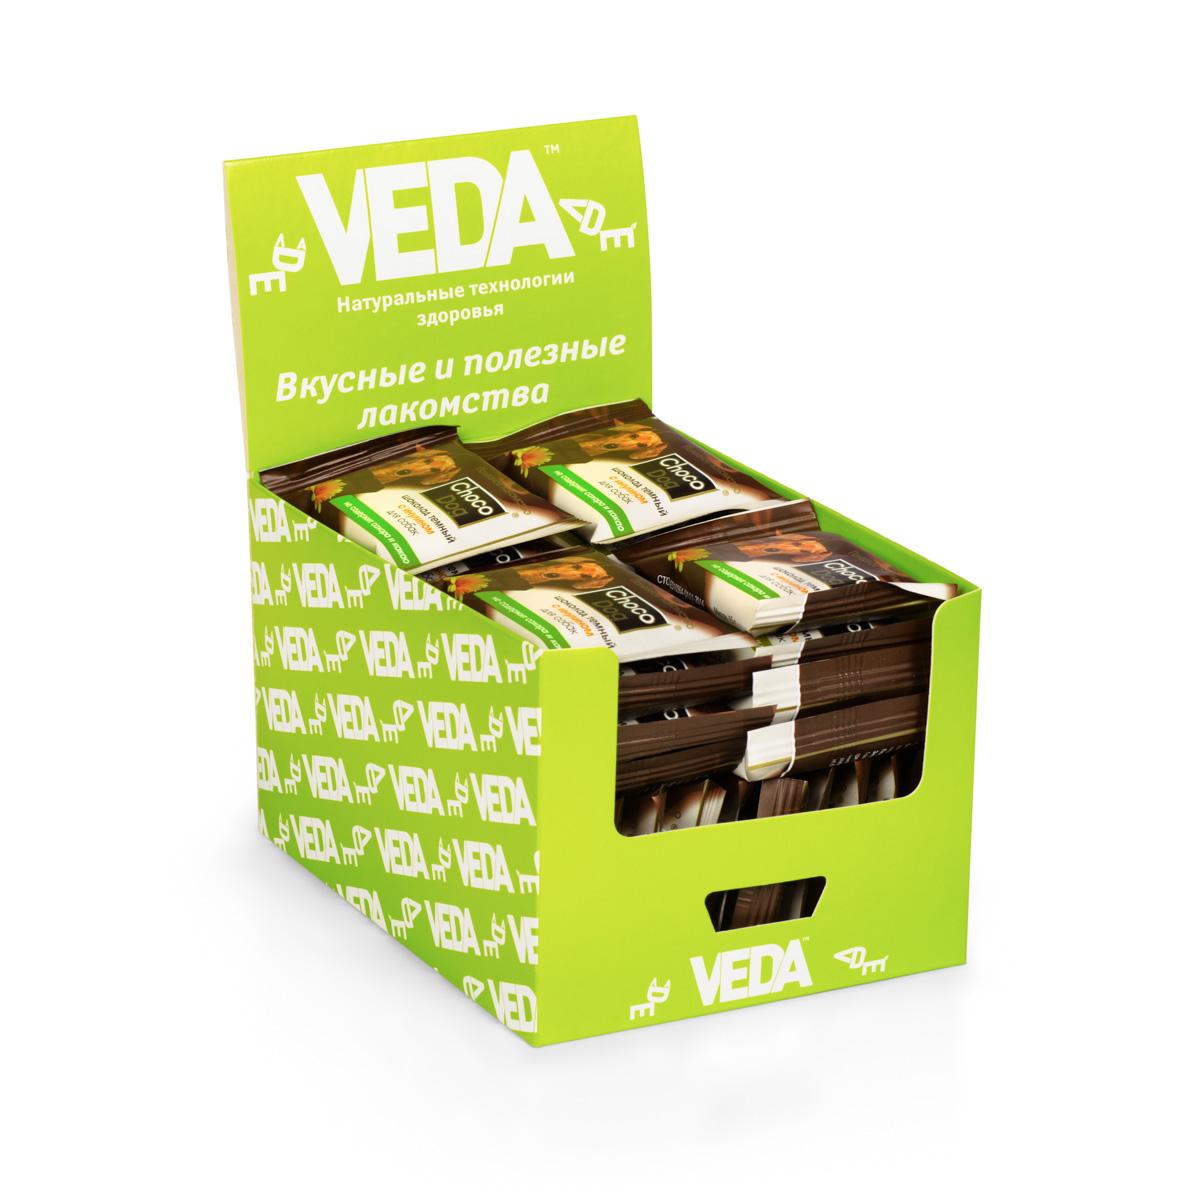 Лакомство VEDA Choco Dog, для собак, в шоу-боксе, темный шоколад с инулином, 40 шт4605543006586В состав лакомства VEDA Choco Dog введены натуральные ингредиенты, которые известны своим полезным действием на организм: - Морковь способствует профилактике сердечных и глазных заболеваний; - Инулин (пребиотик) поддерживает полезную микрофлору кишечника; - Рис благодаря наличию витаминов группы В, витамина Е, ряда микроэлементов полезен для костей, сердца и сосудов. Состав: заменитель масла какао, лактоза, порошок плодов рожкового дерева, сухая молочная сыворотка, инулин, чёрный альбумин, лецитин, стевиозид, пищевой ароматизатор. Количество: 40 шт. Вес (1 шт): 15 г. Товар сертифицирован.